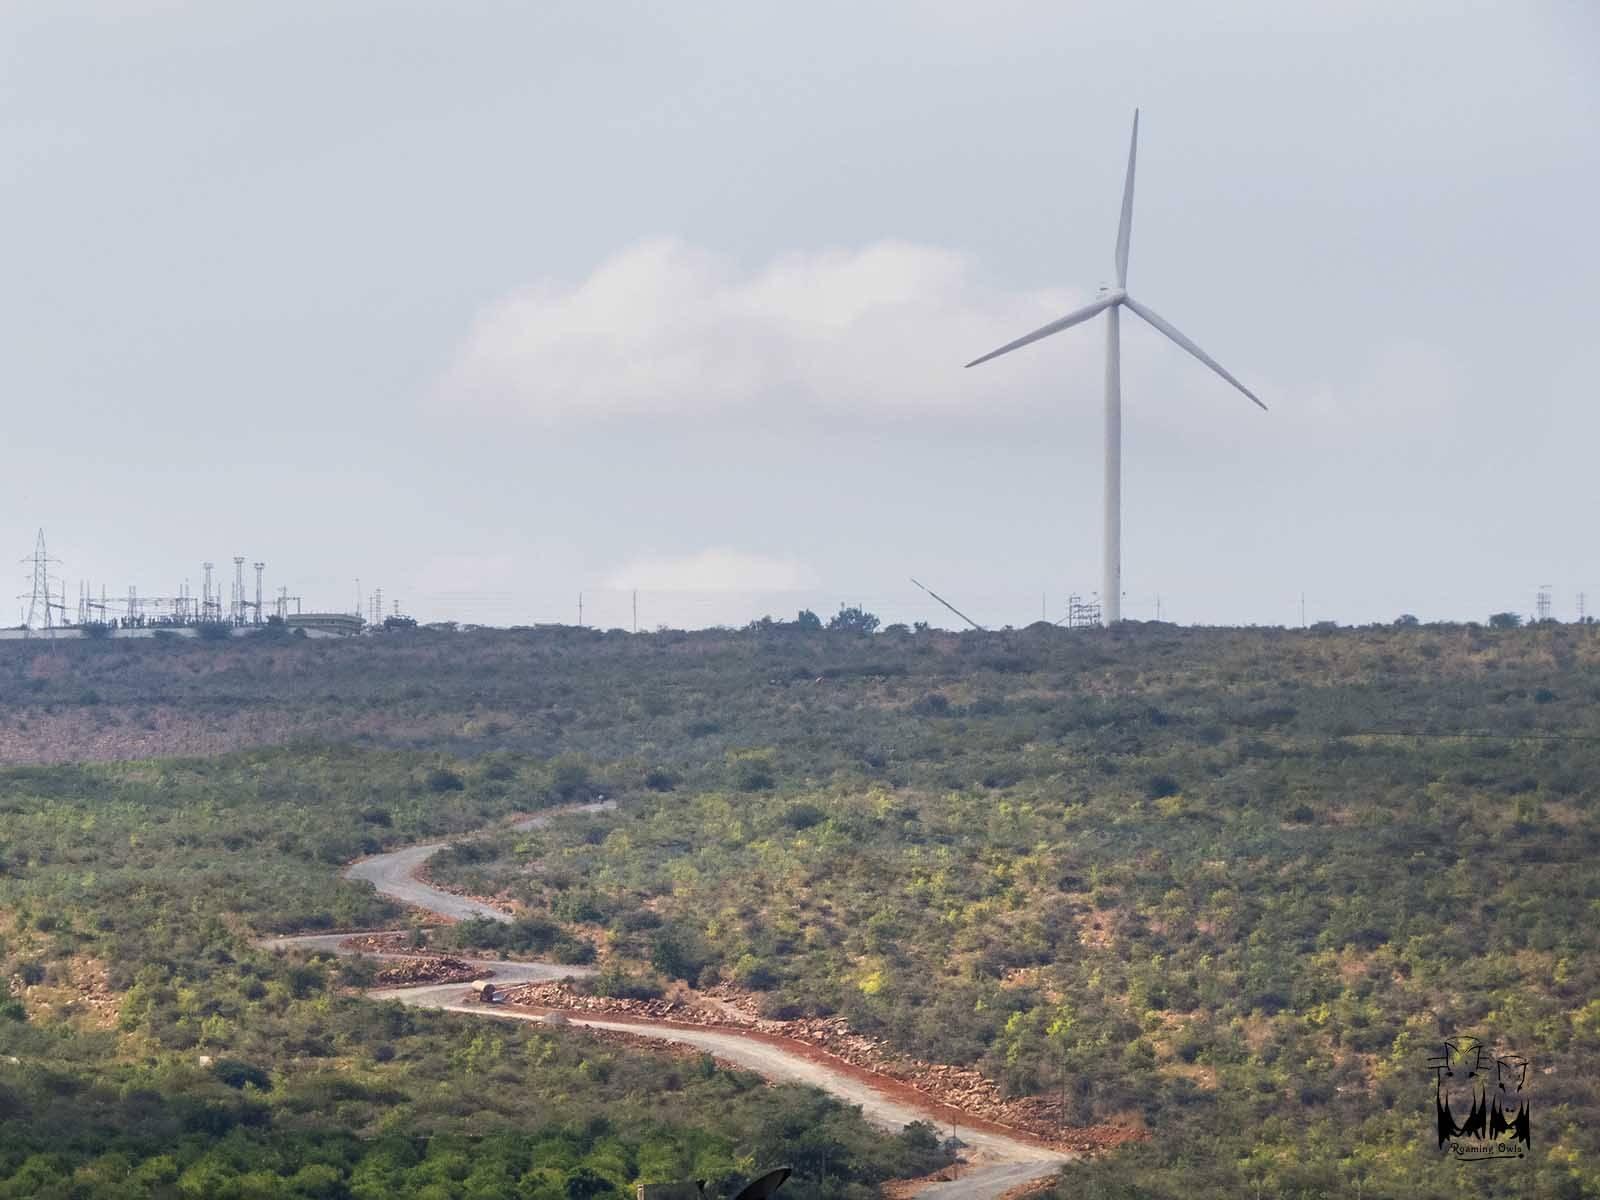 gandikota, windmill, winding road, scrub forest